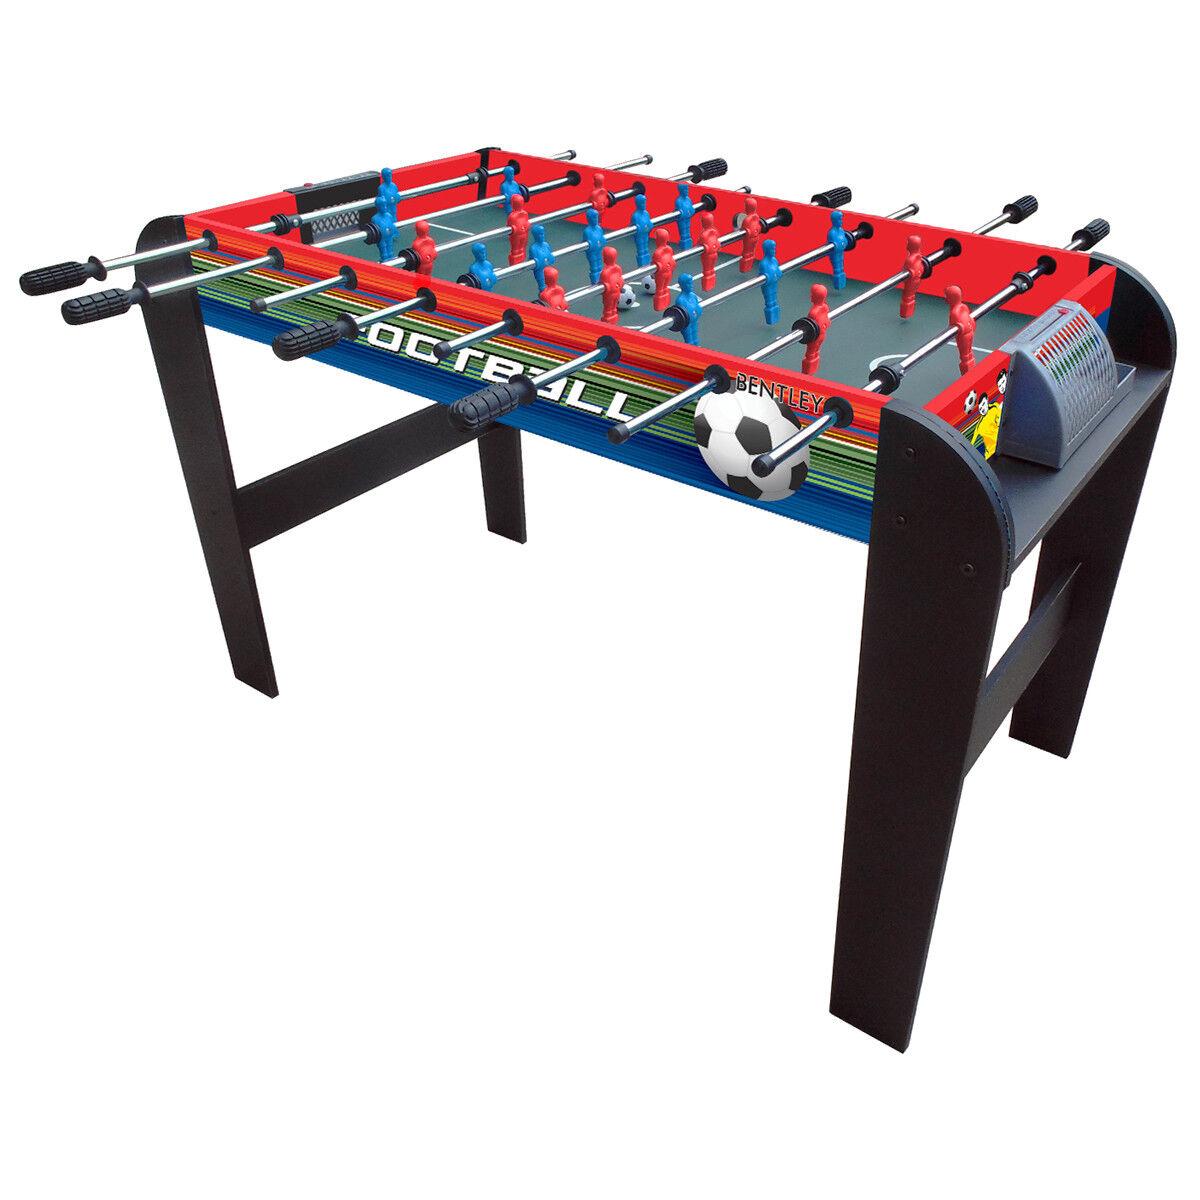 4Ft Juego De Mesa De Fútbol Soccer fusball para juegos de mesa